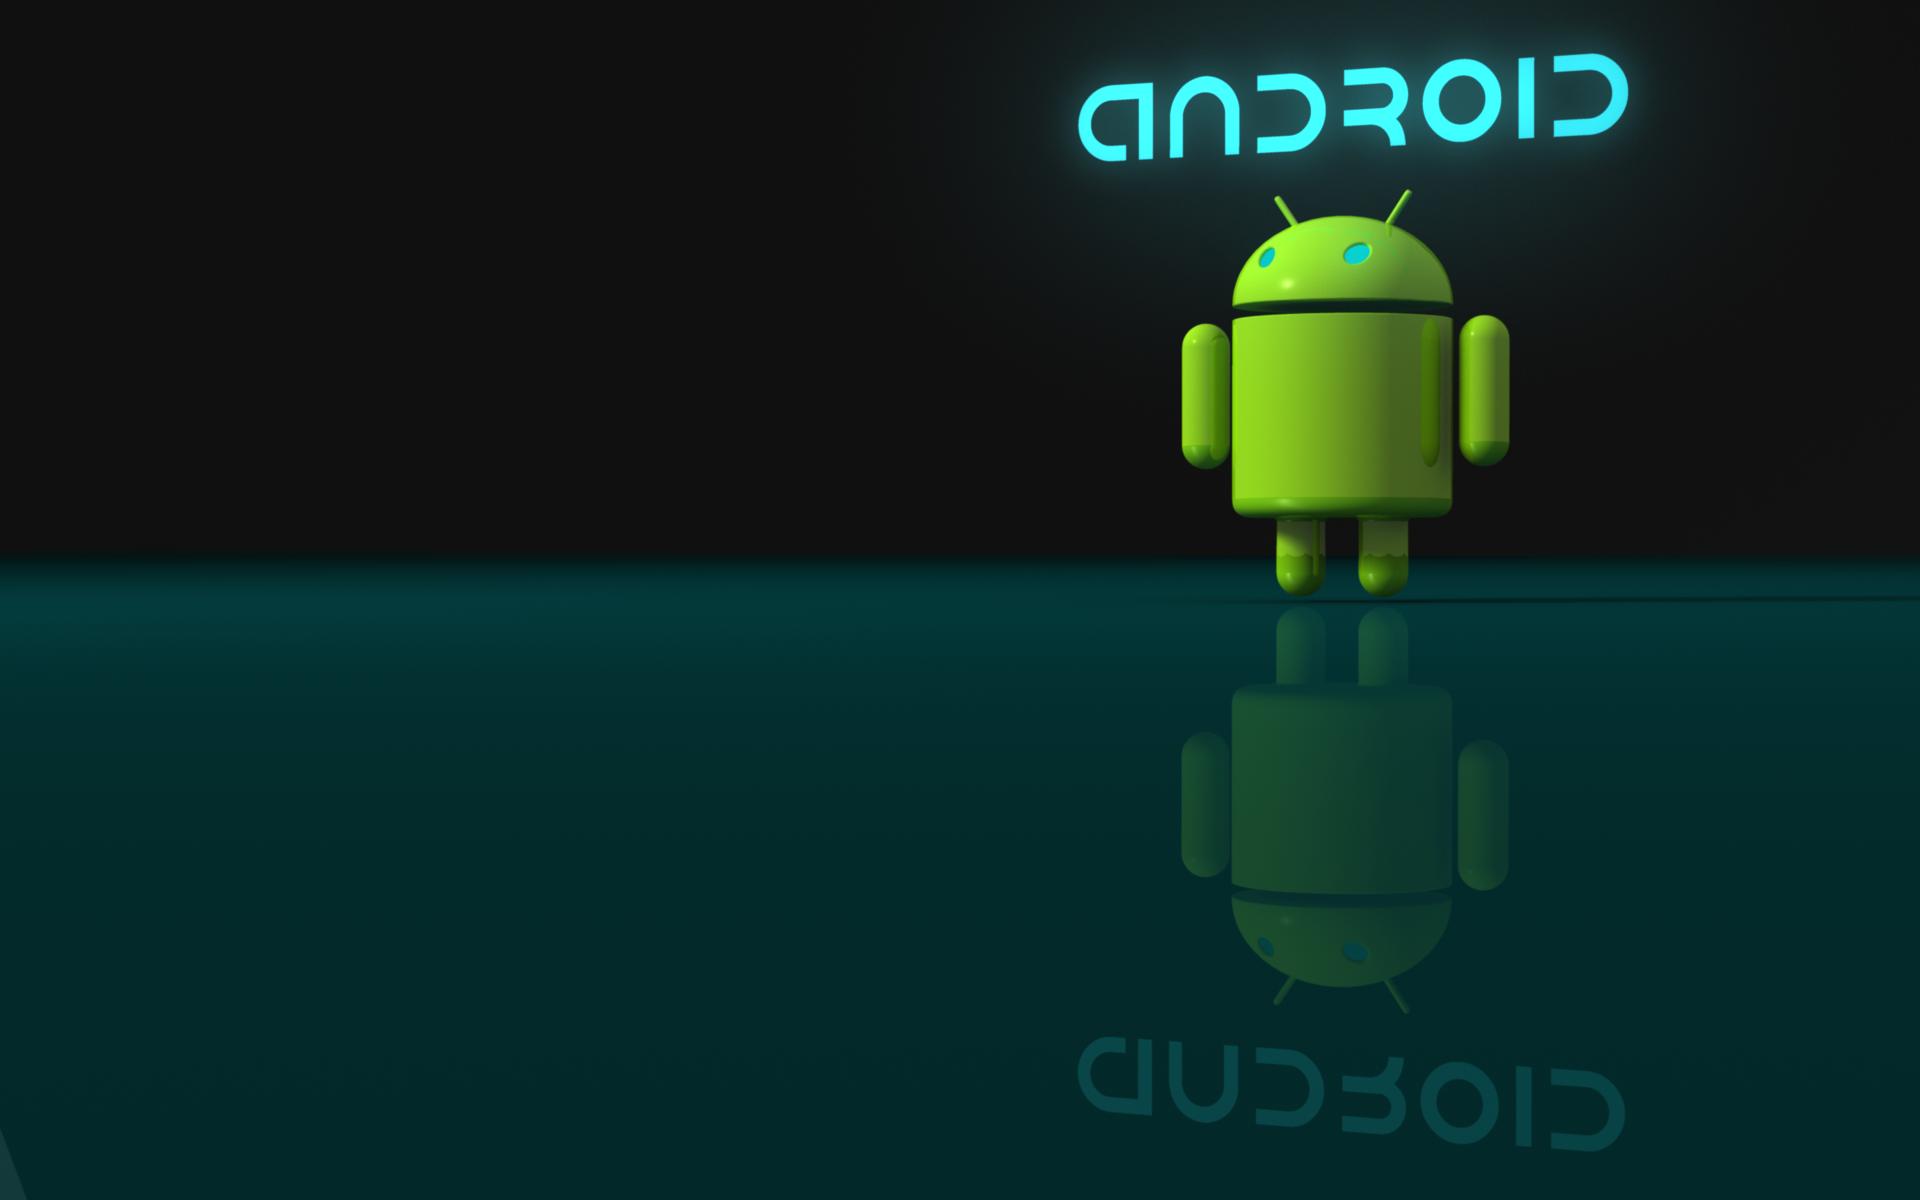 3D Best Android Wallpaper Desktop 6563 Wallpaper High Resolution 1920x1200